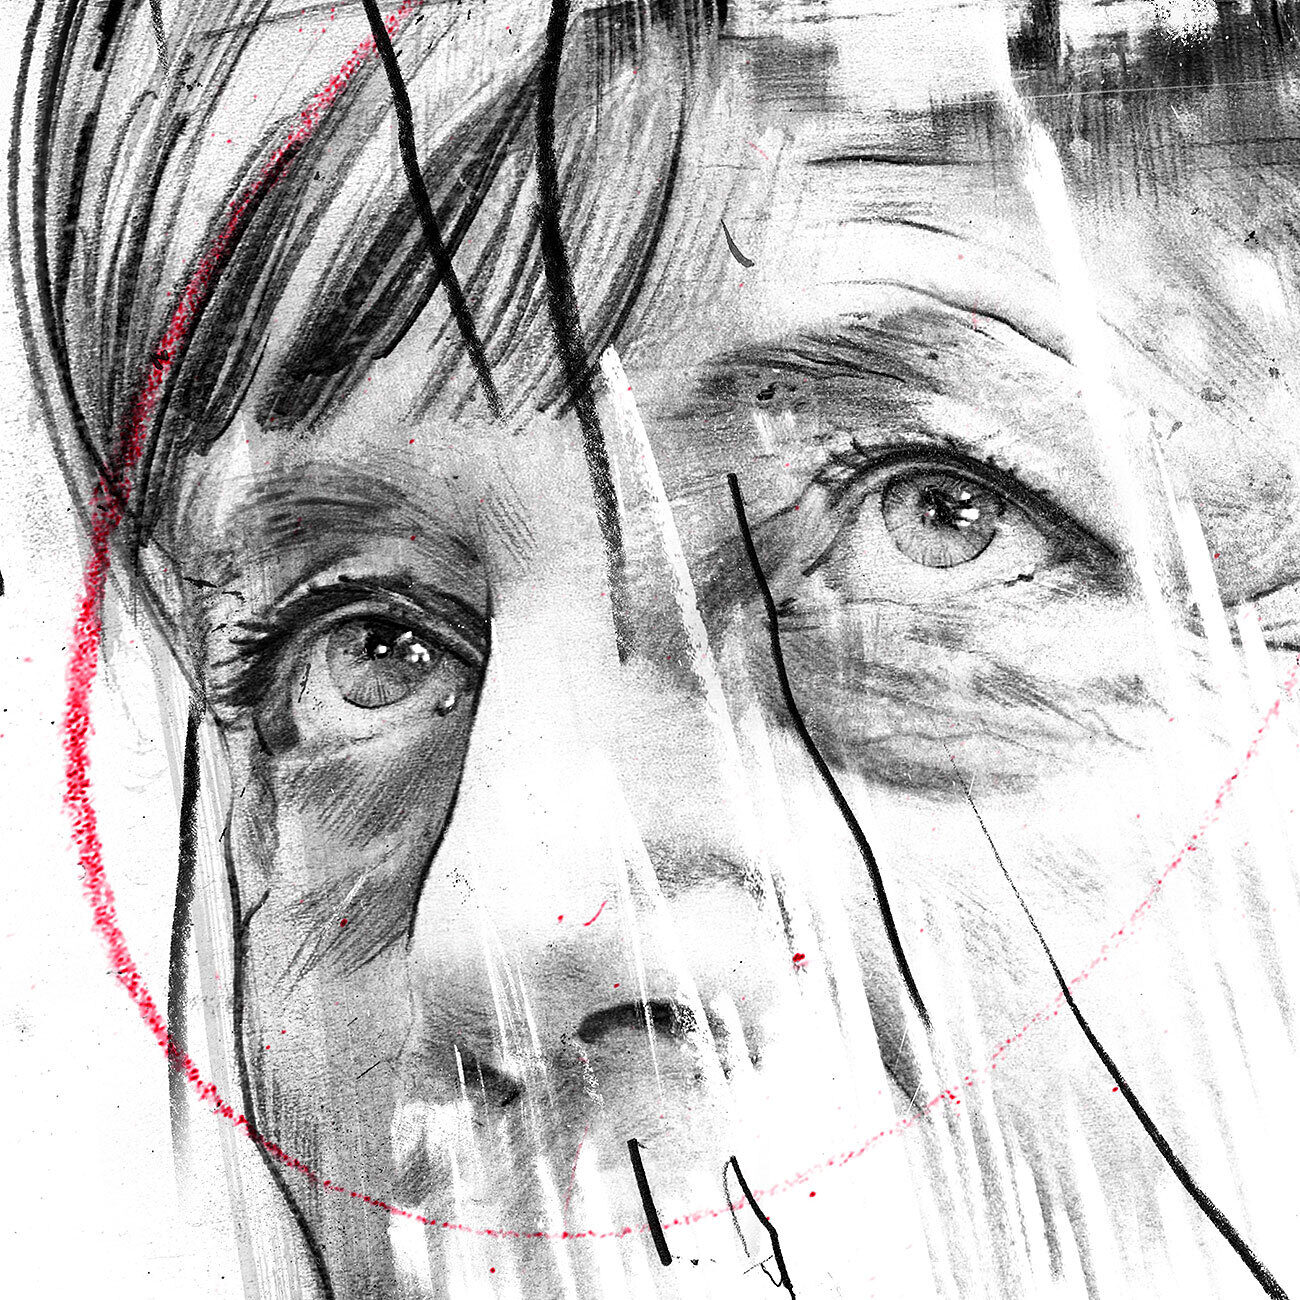 Merkel augen - Kornel Illustration | Kornel Stadler portfolio